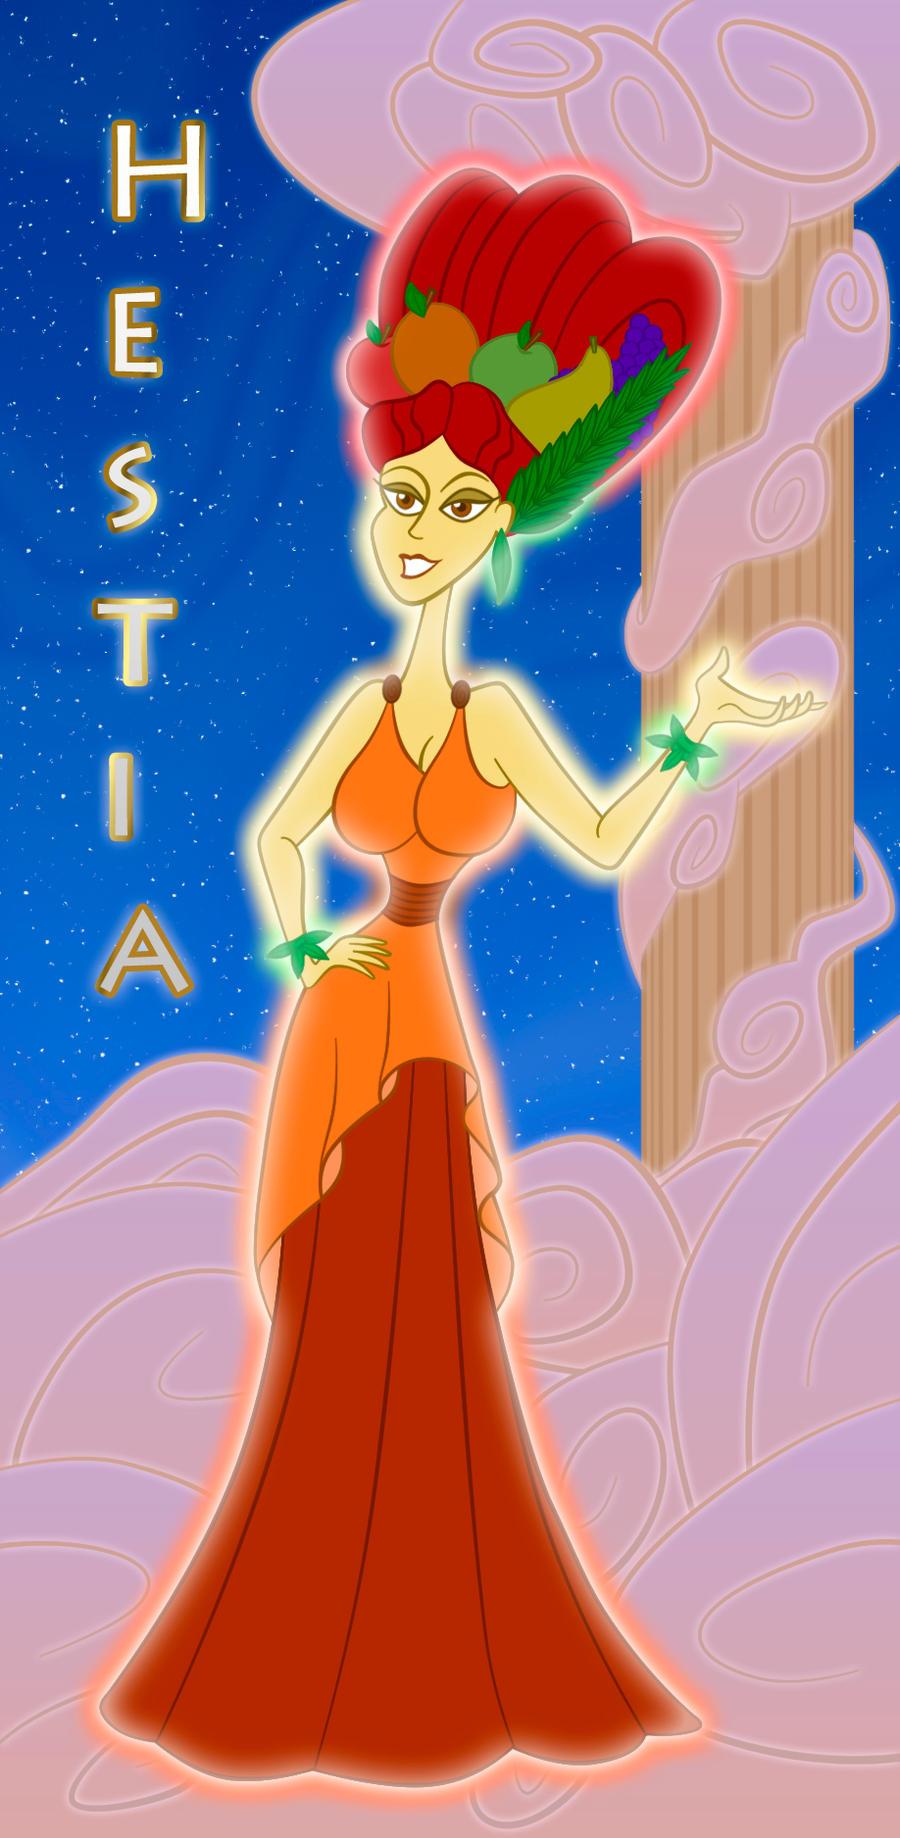 Hestia - Vesta by 666-Lucemon-666 on DeviantArt